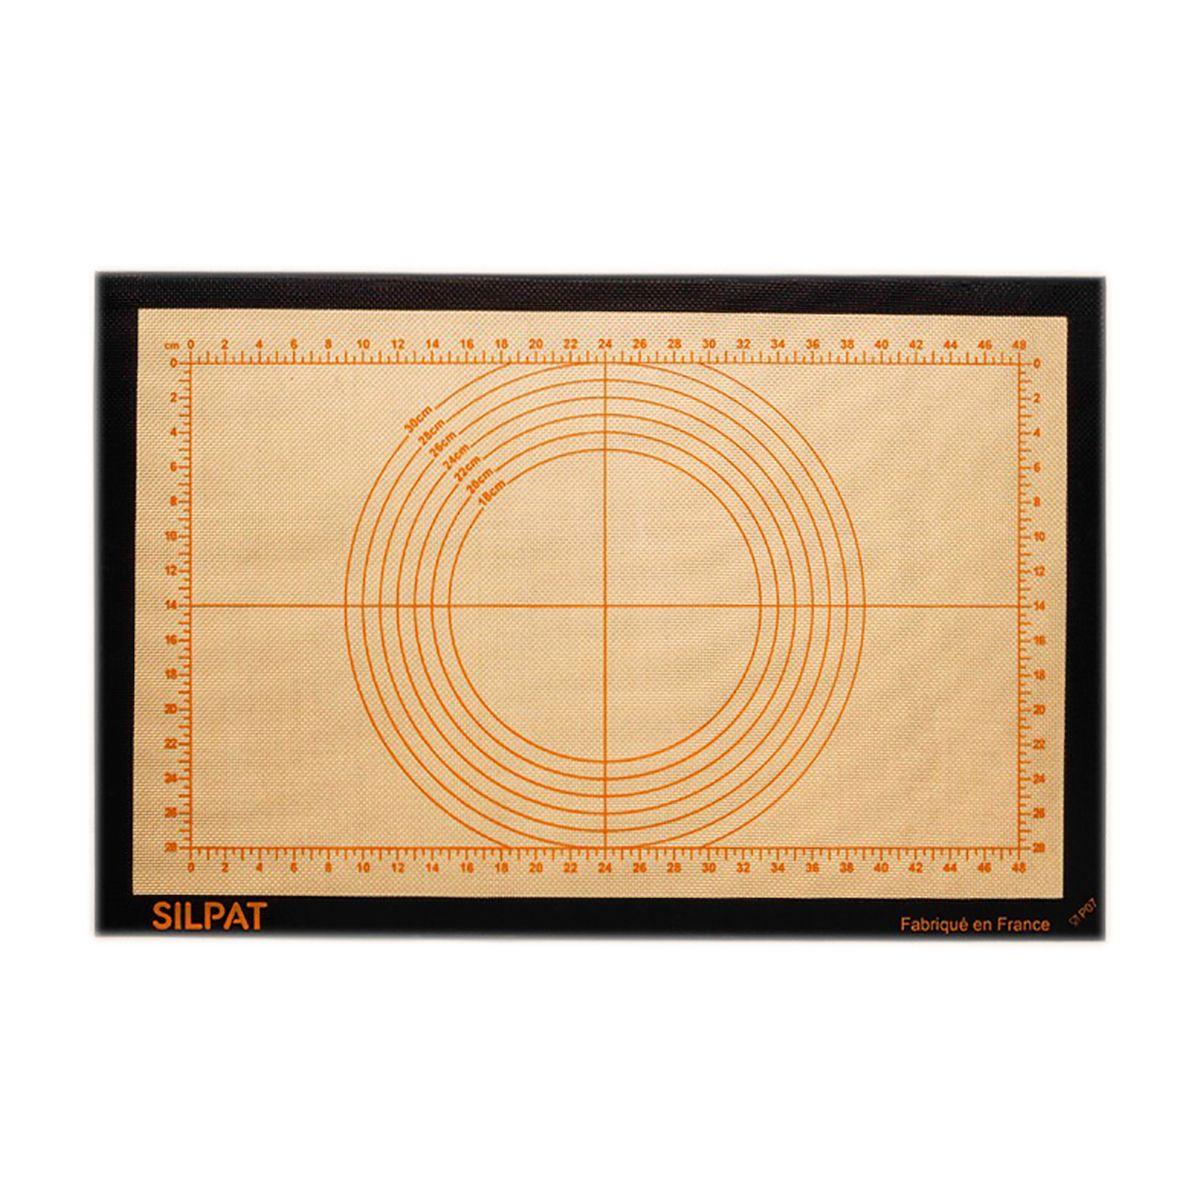 Toile pâtissière graduée 58,5 x 38,5 cm - Silpat